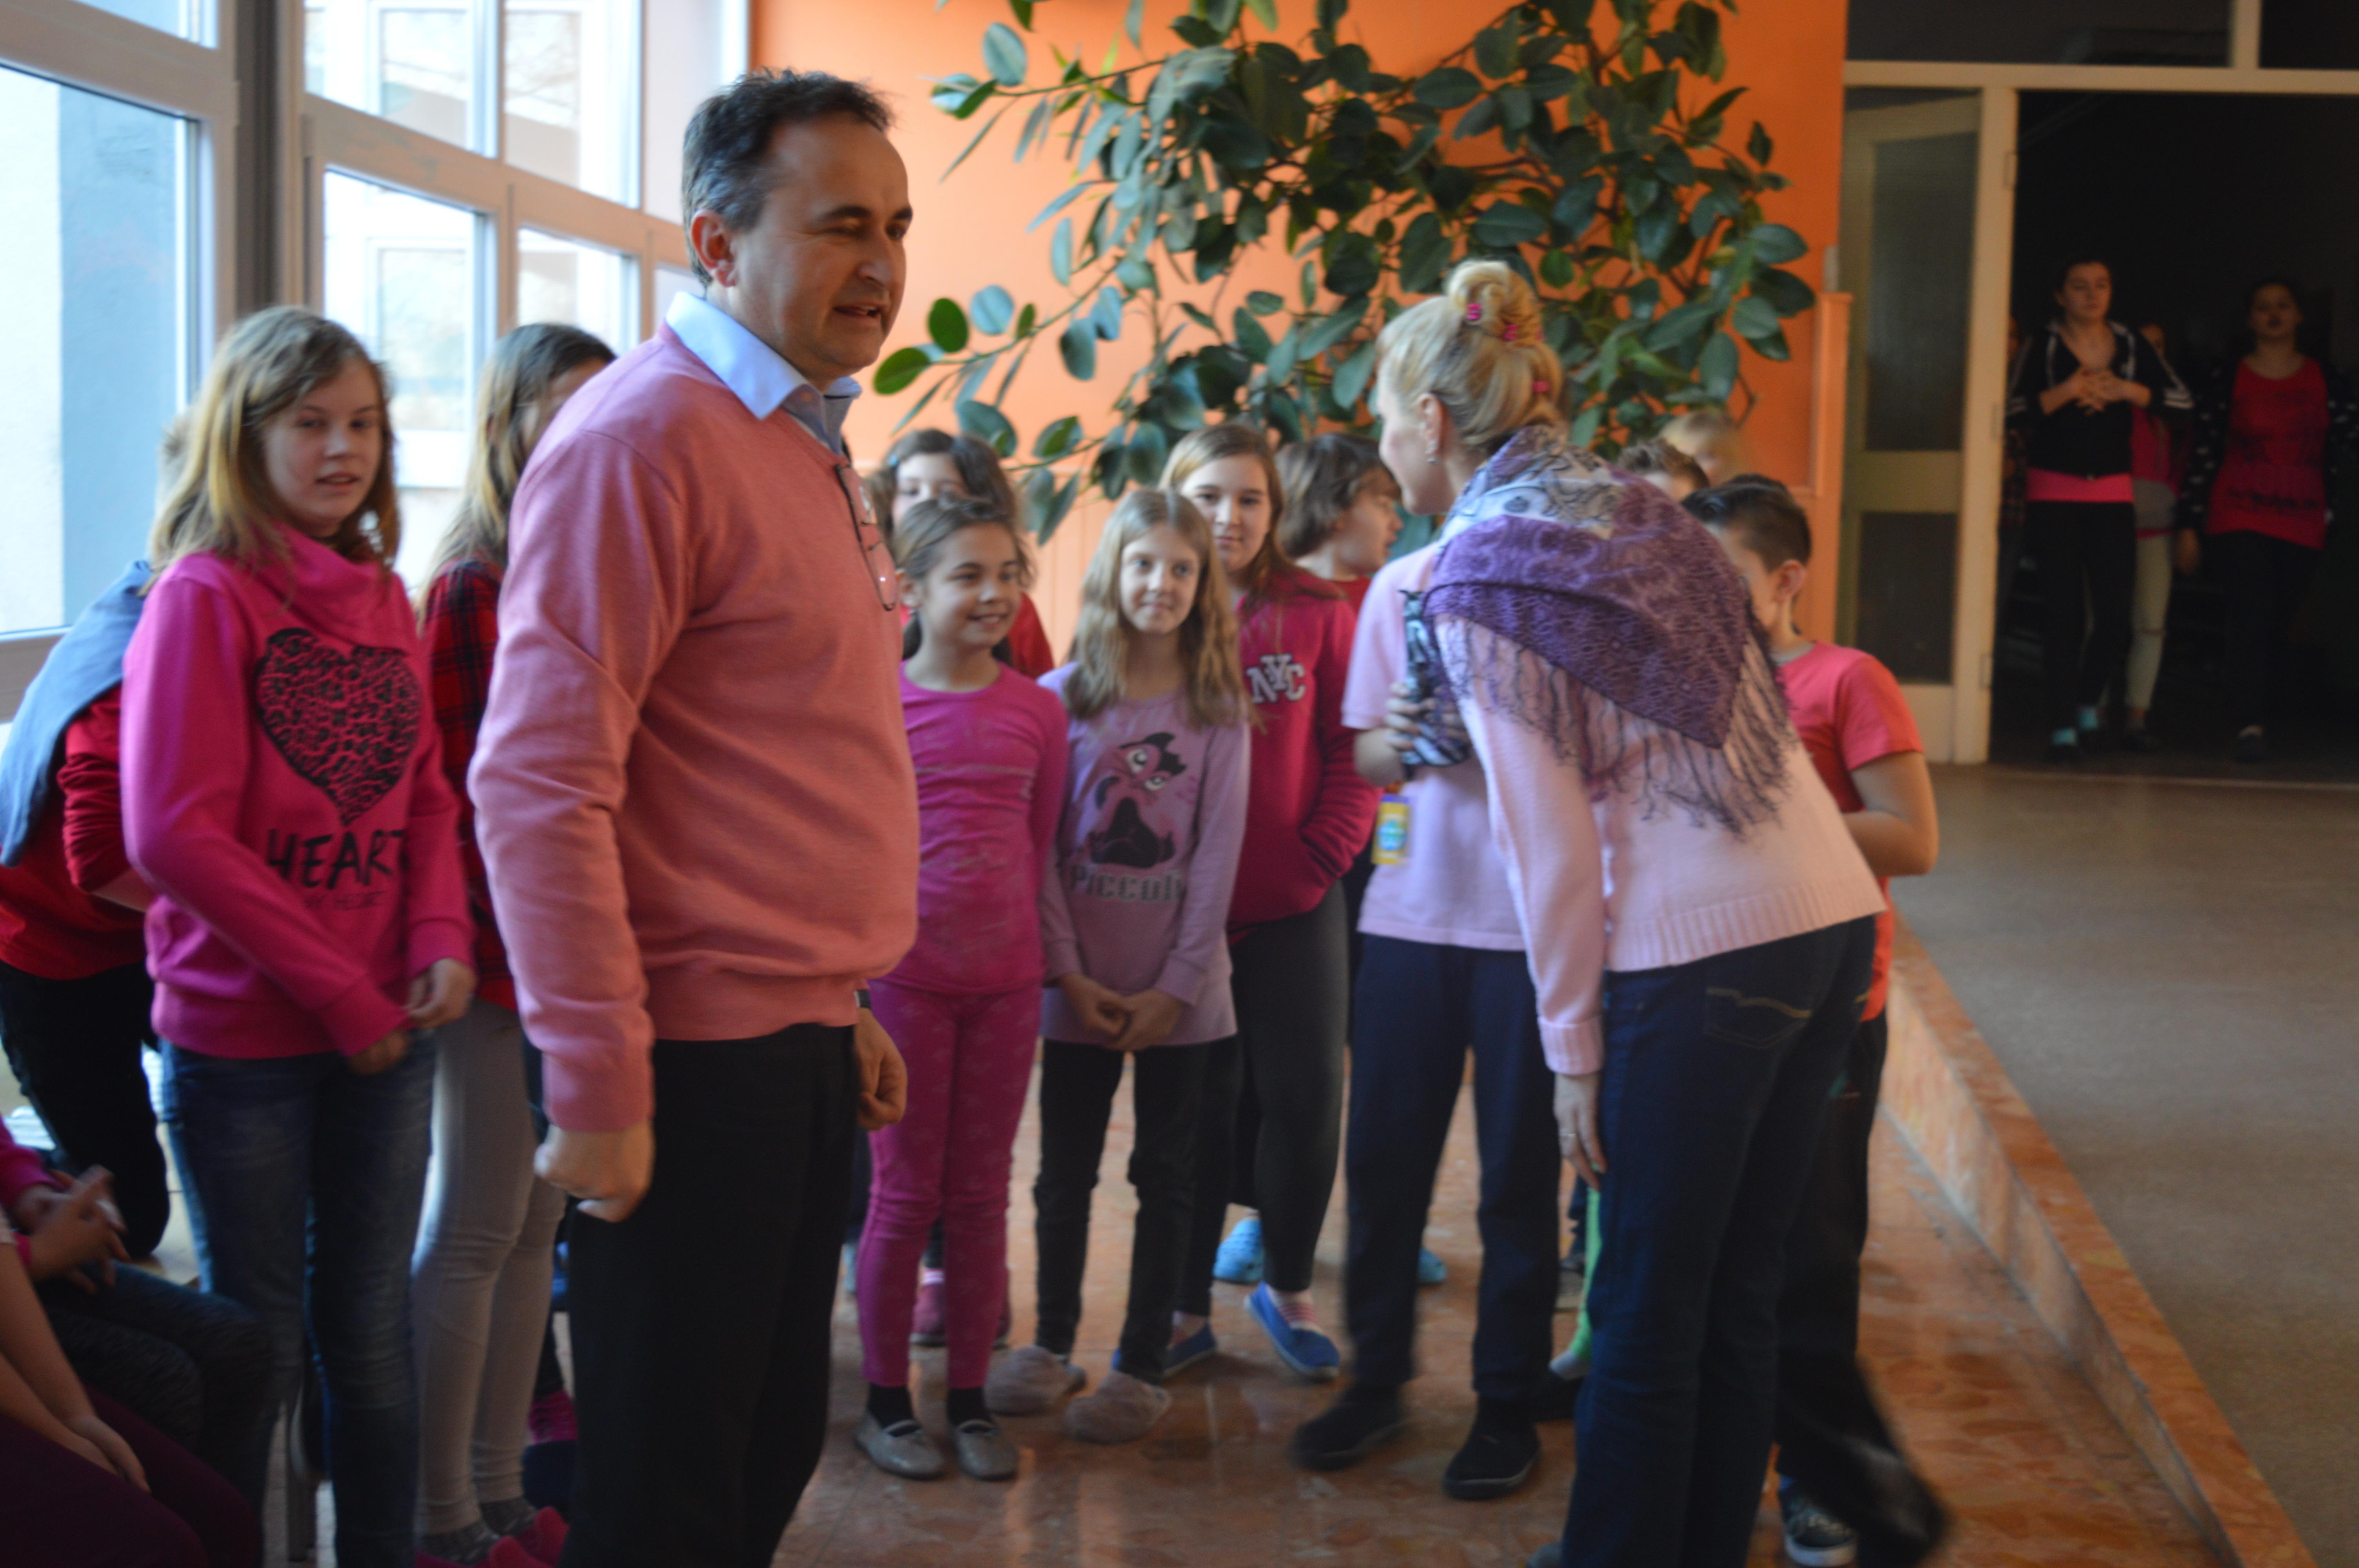 Dan ružičastih majica // Foto: Grad Ludbreg